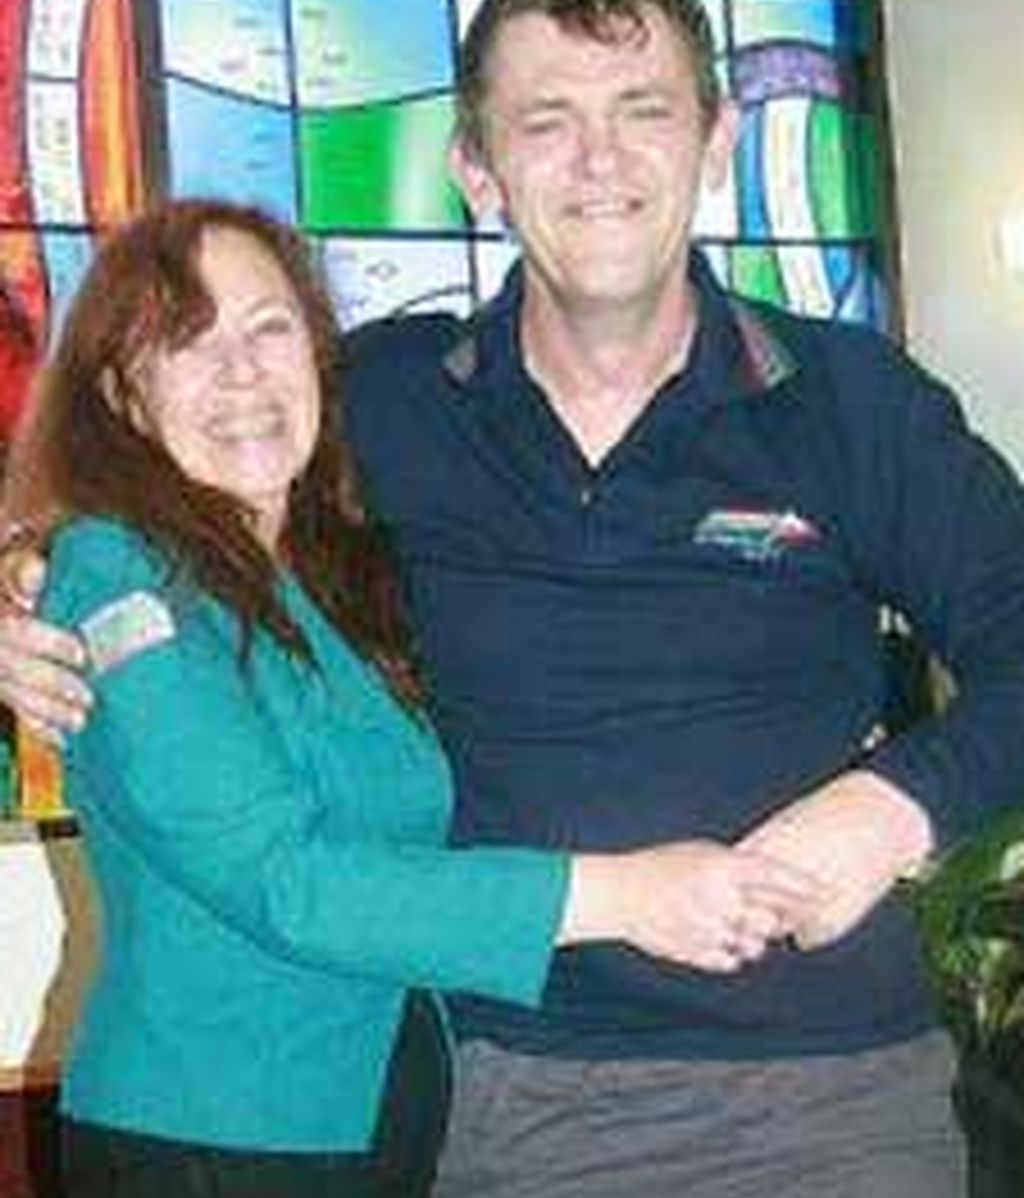 Russell McPhee con su novia Kerry Crossley. Foto: Timesonline.com